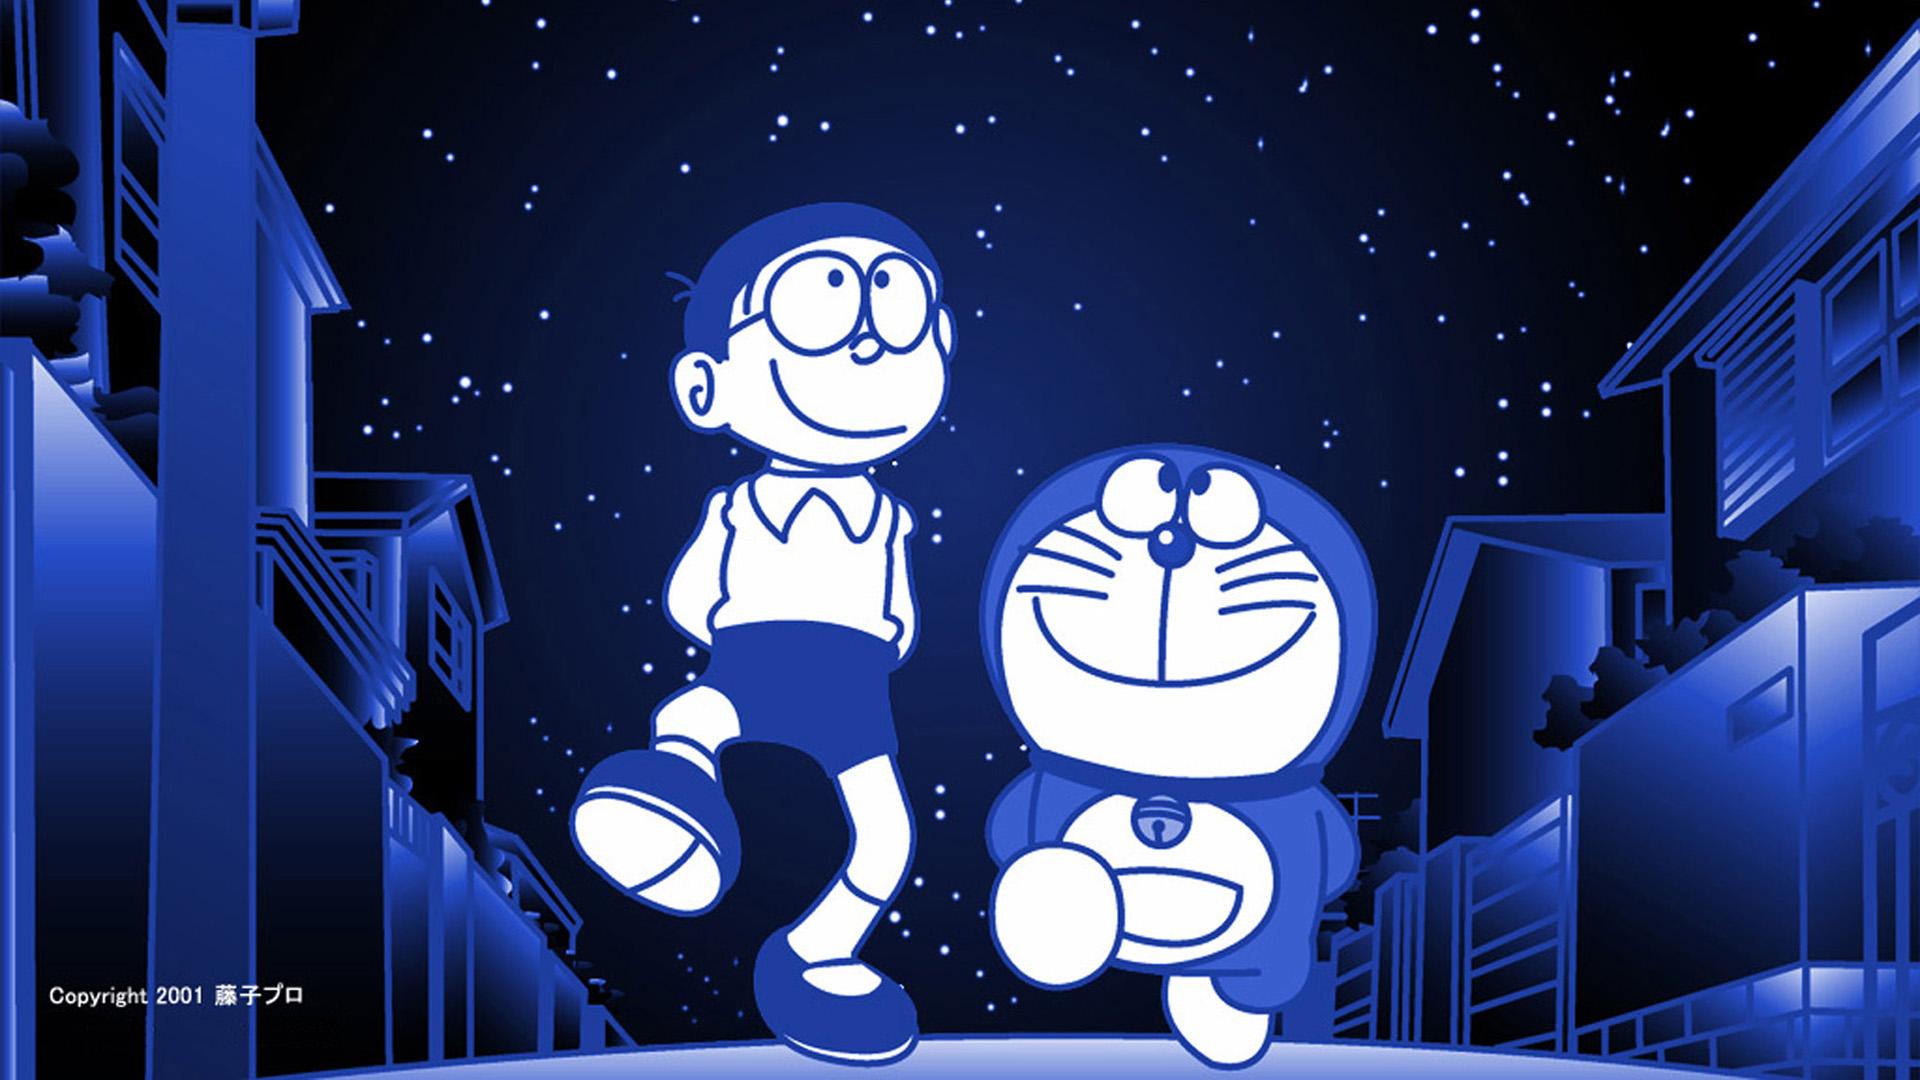 Nobita 3d Wallpaper Doraemon Wallpapers Hd Pixelstalk Net